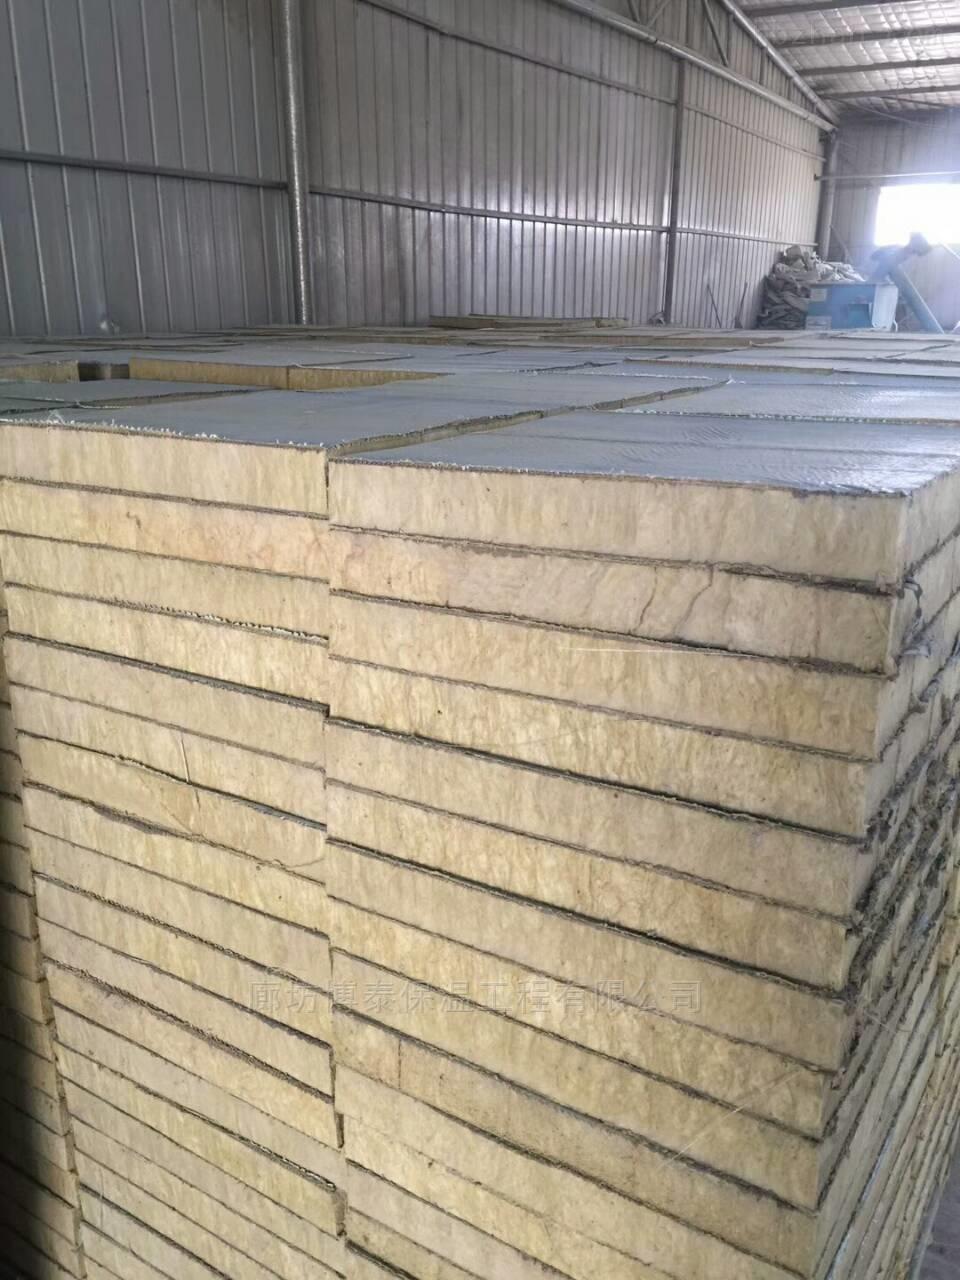 1200x600-河北廊坊A级外墙用岩棉复合板